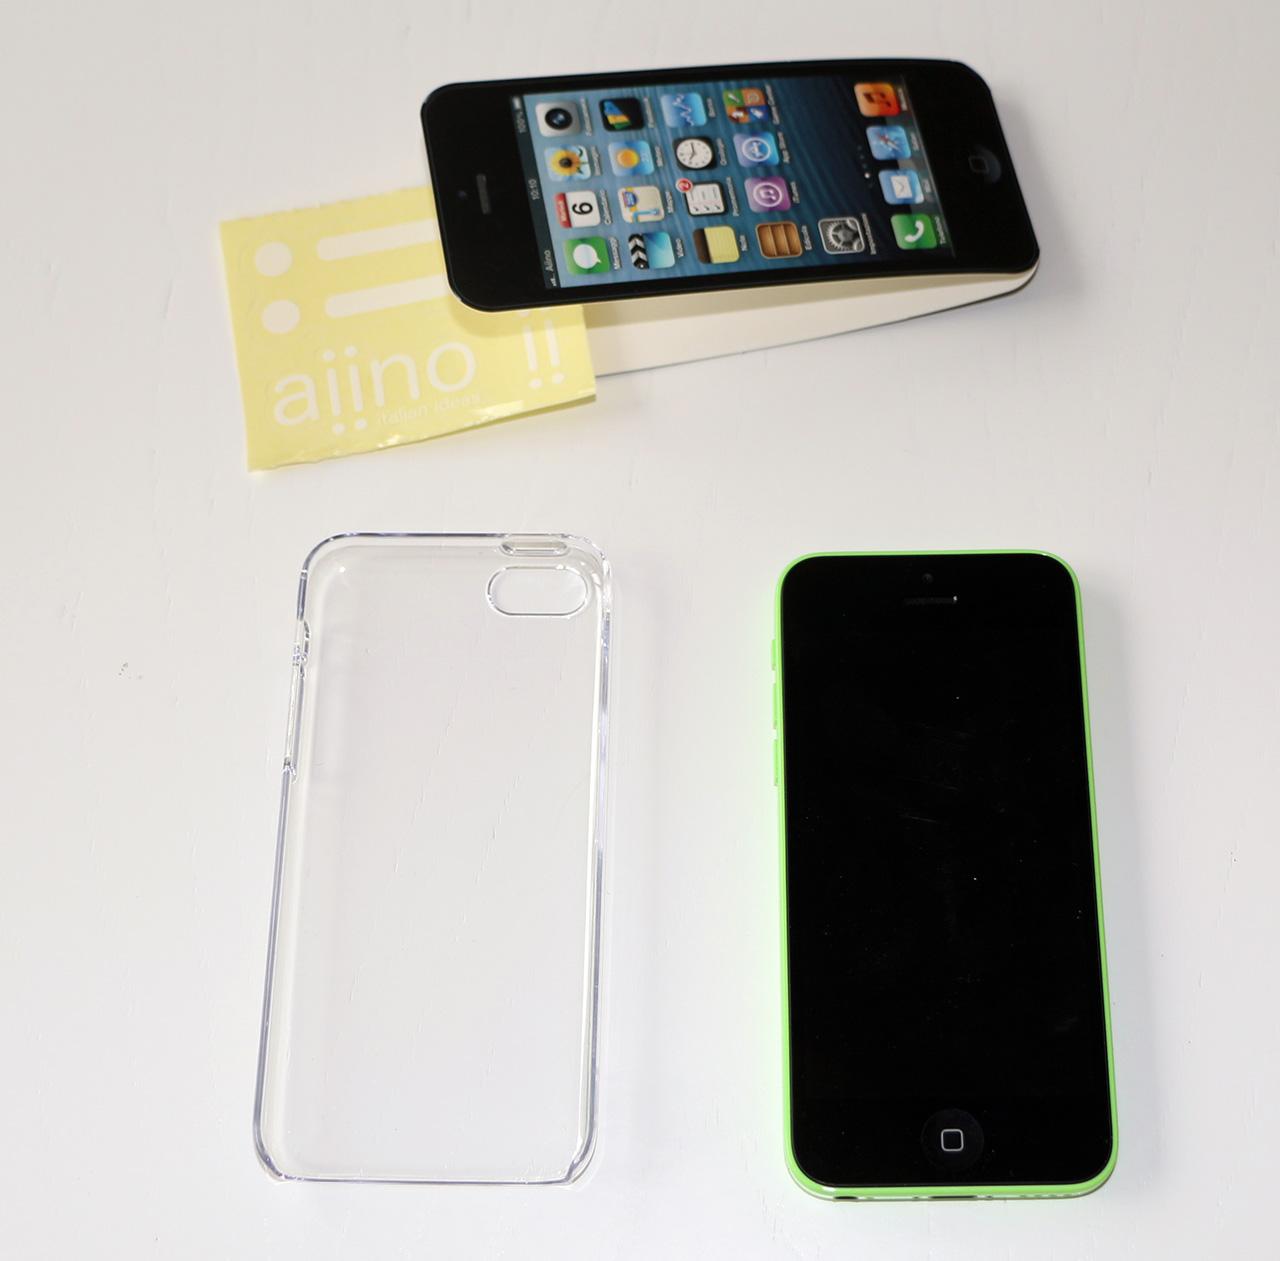 Custodia iPhone 6 a libro touch di Aiino la nostra recensione